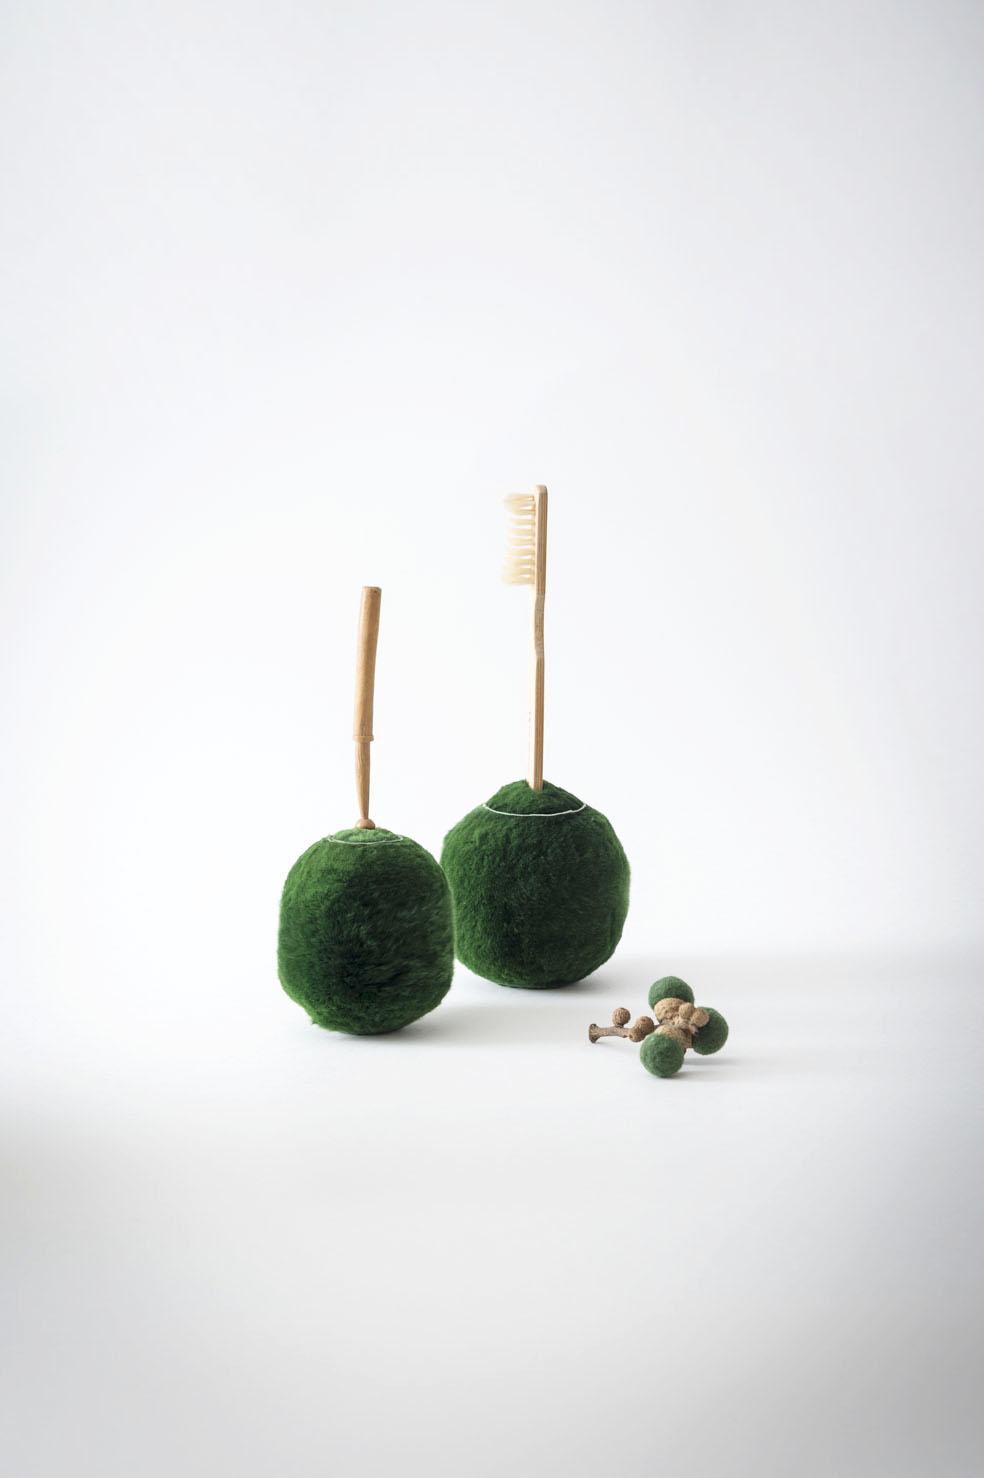 勝本みつる「sound from a study in green」入荷のお知らせ